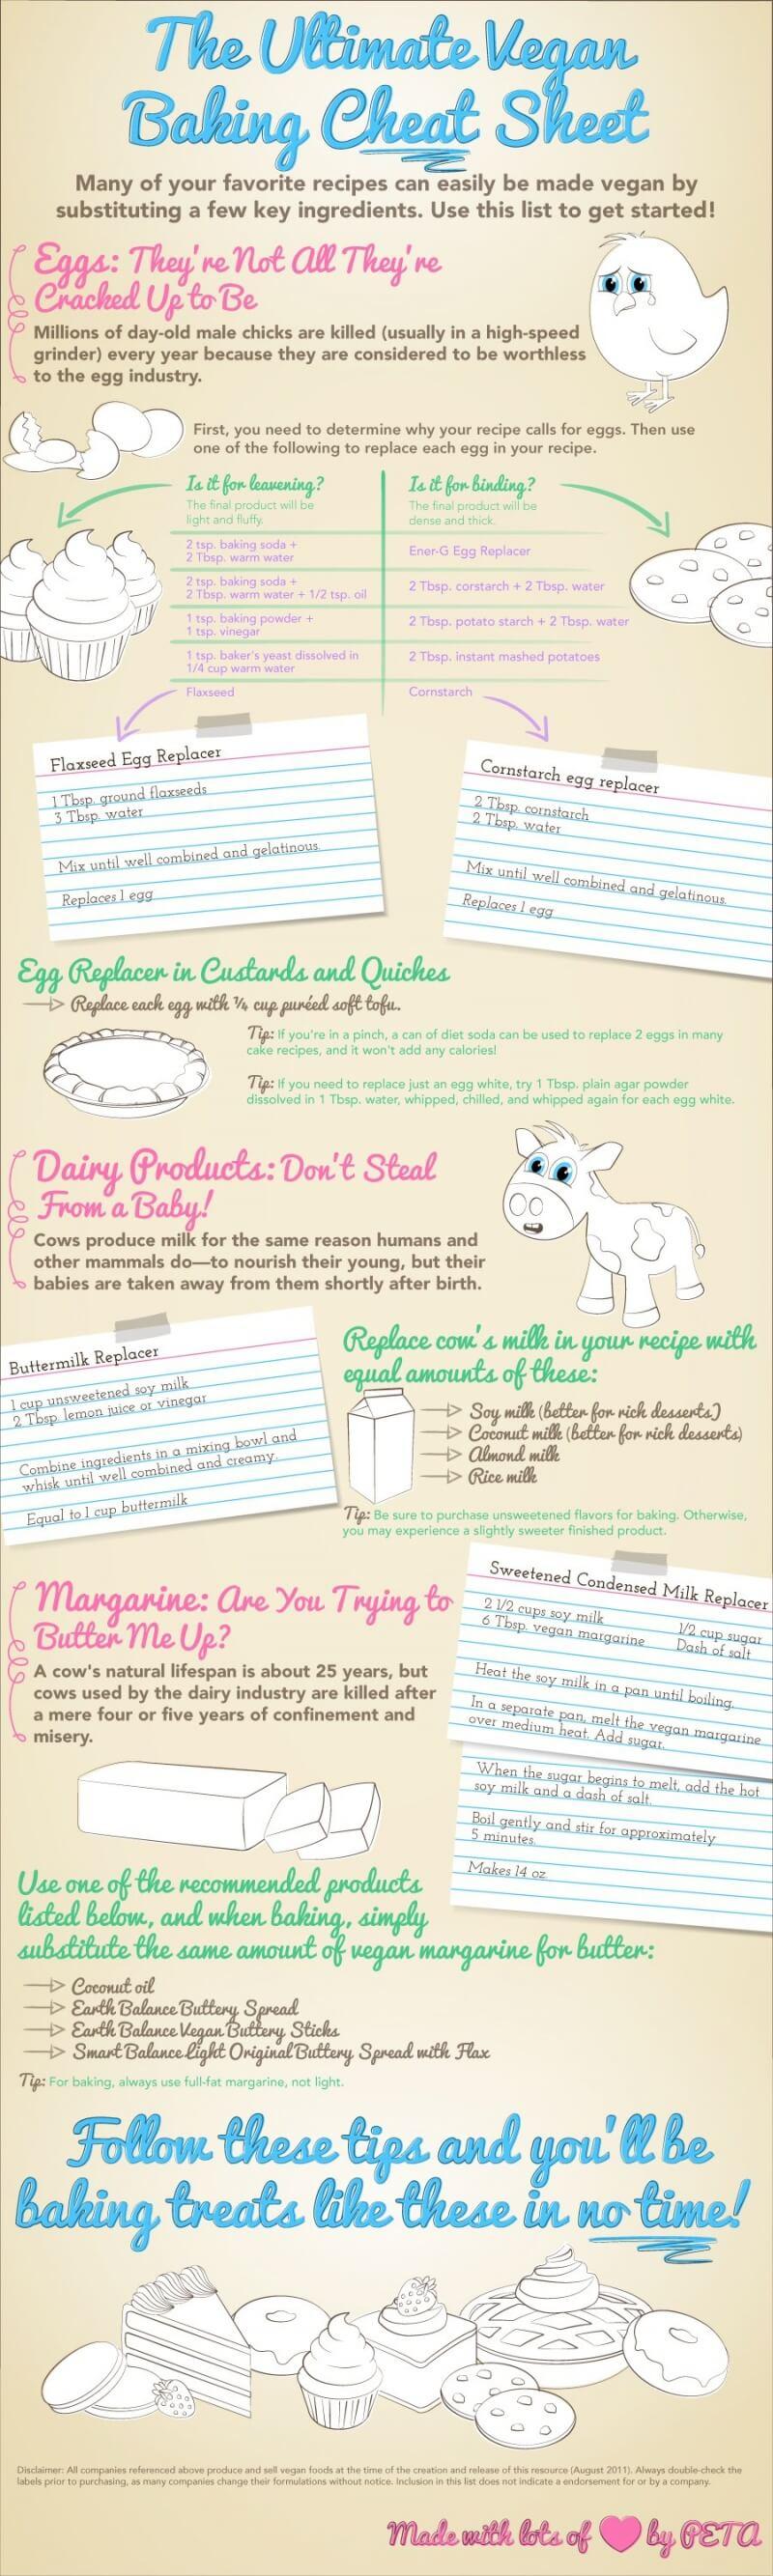 infographicVeganBaking_5F00_PETA_5F00_REVISED